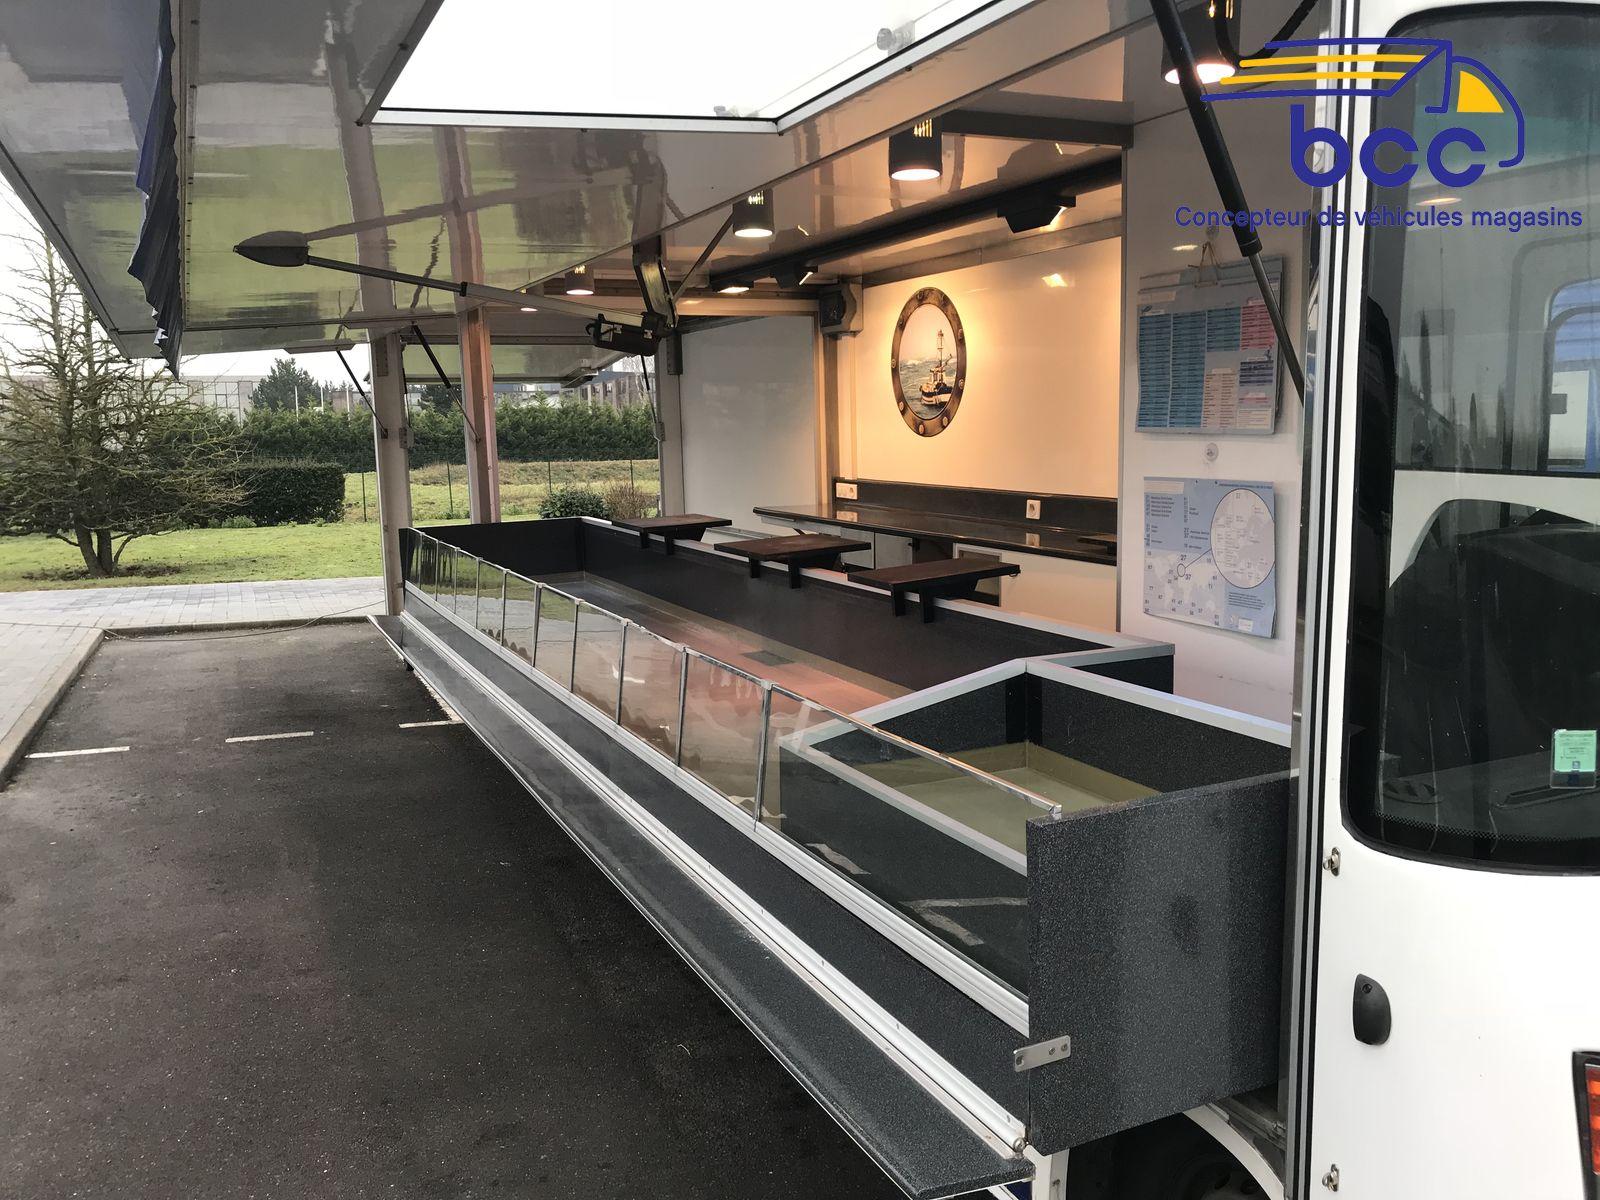 Camion D Occasion Poissonnerie 976 Bcc